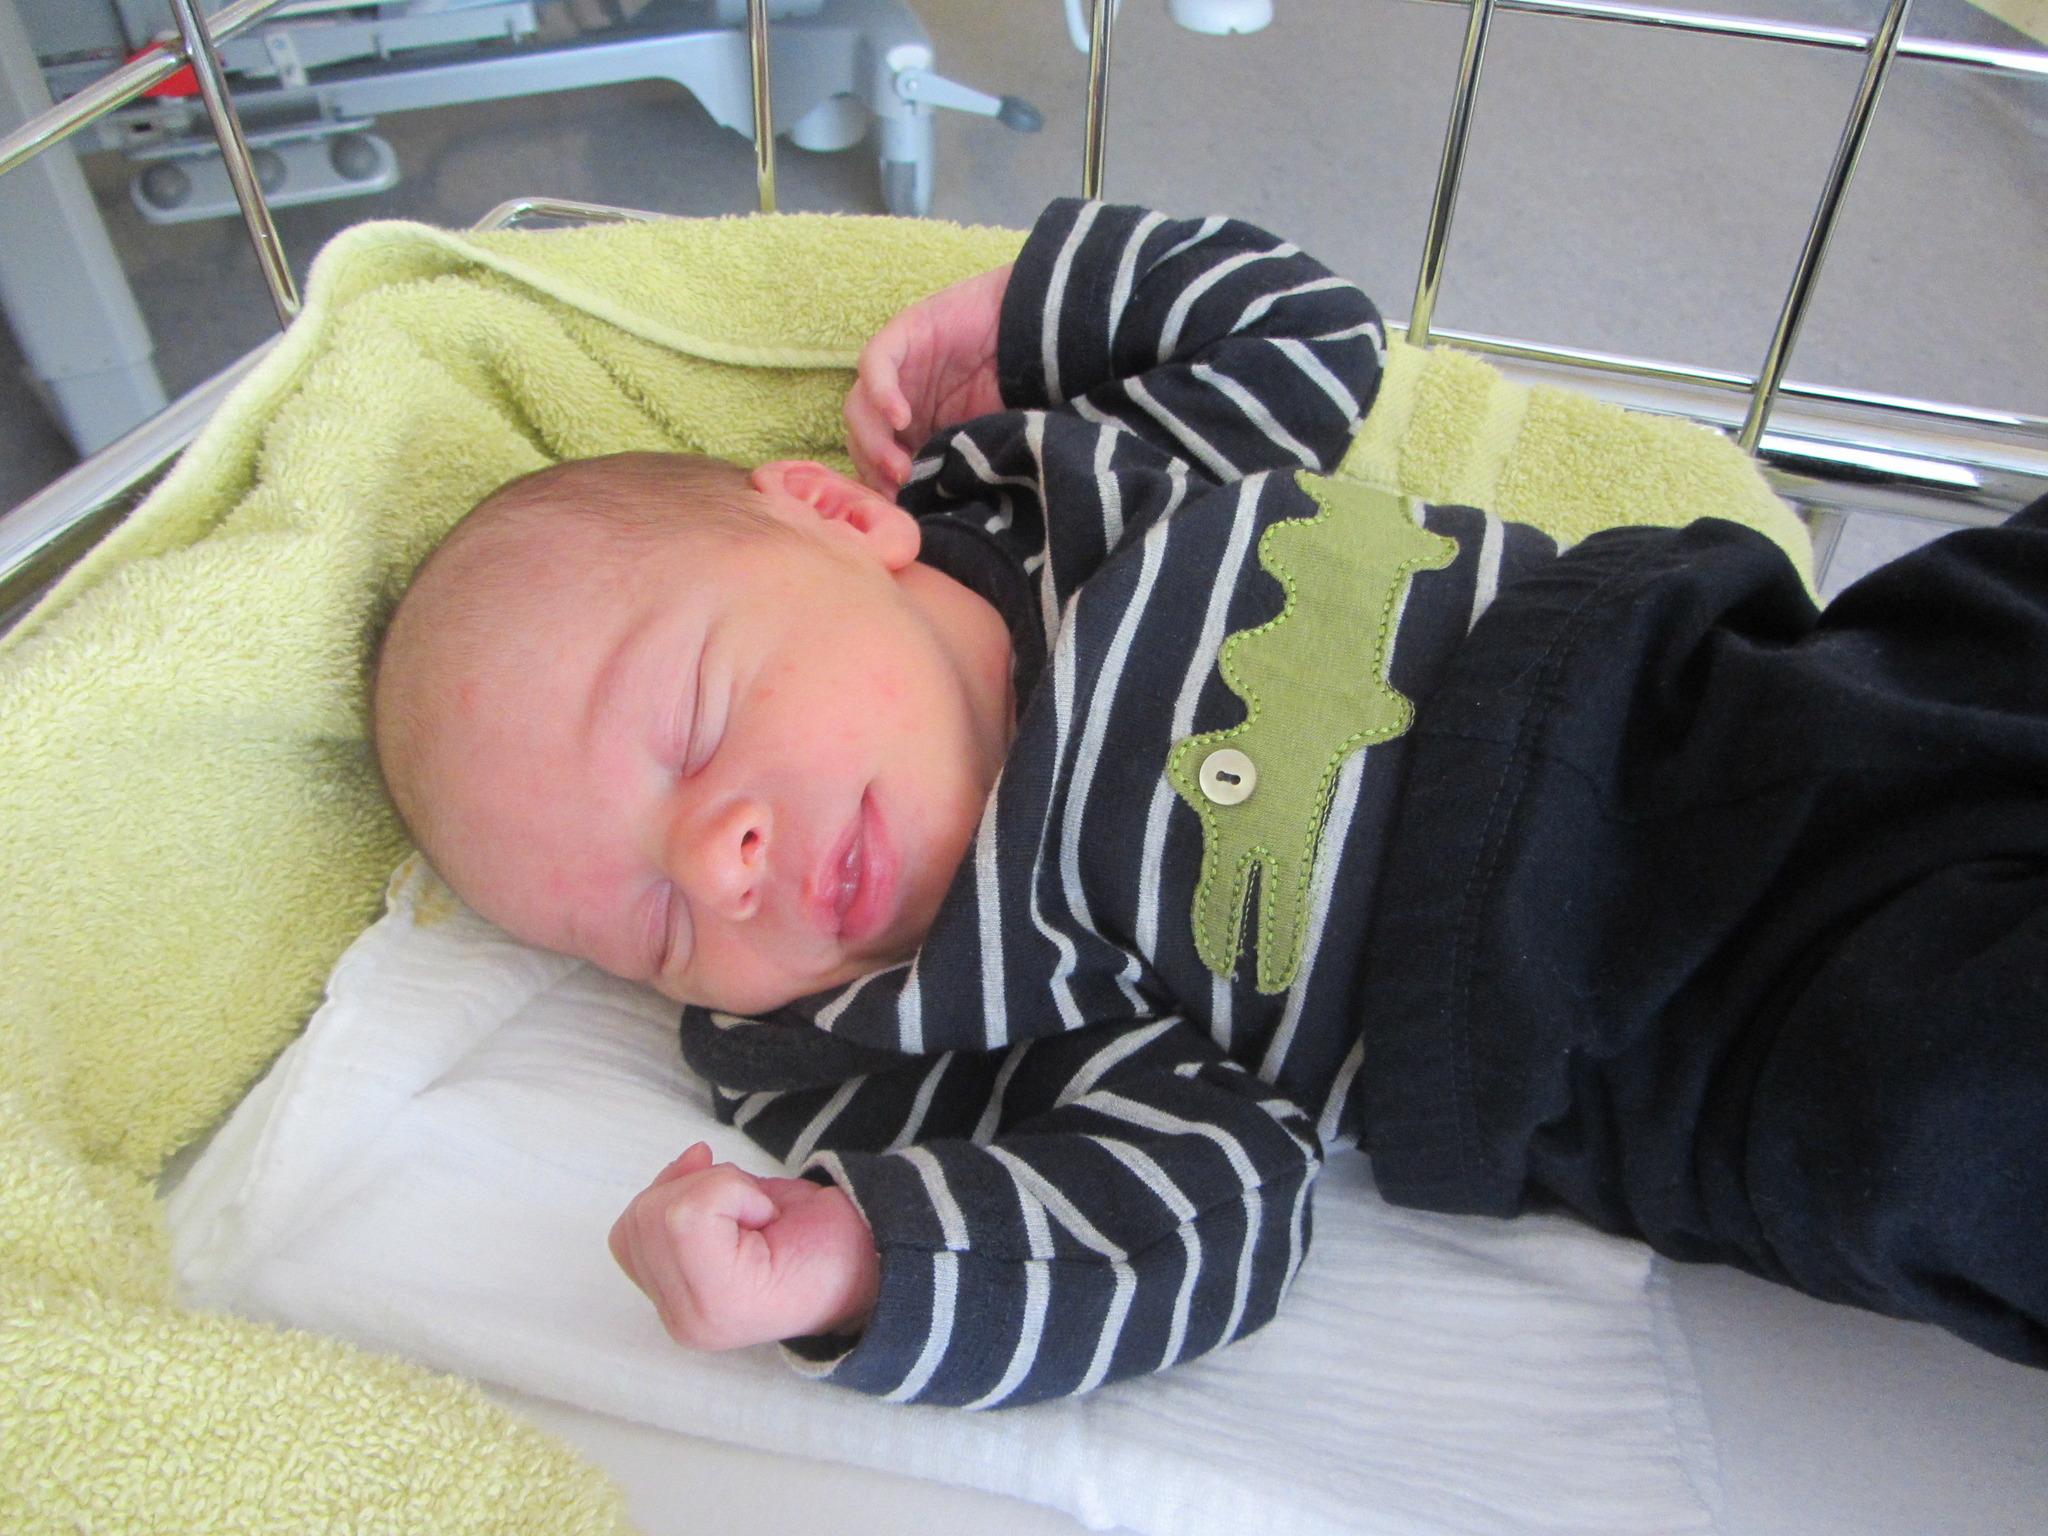 Baby der Woche 5 - Nico Hrabek - Korneuburg